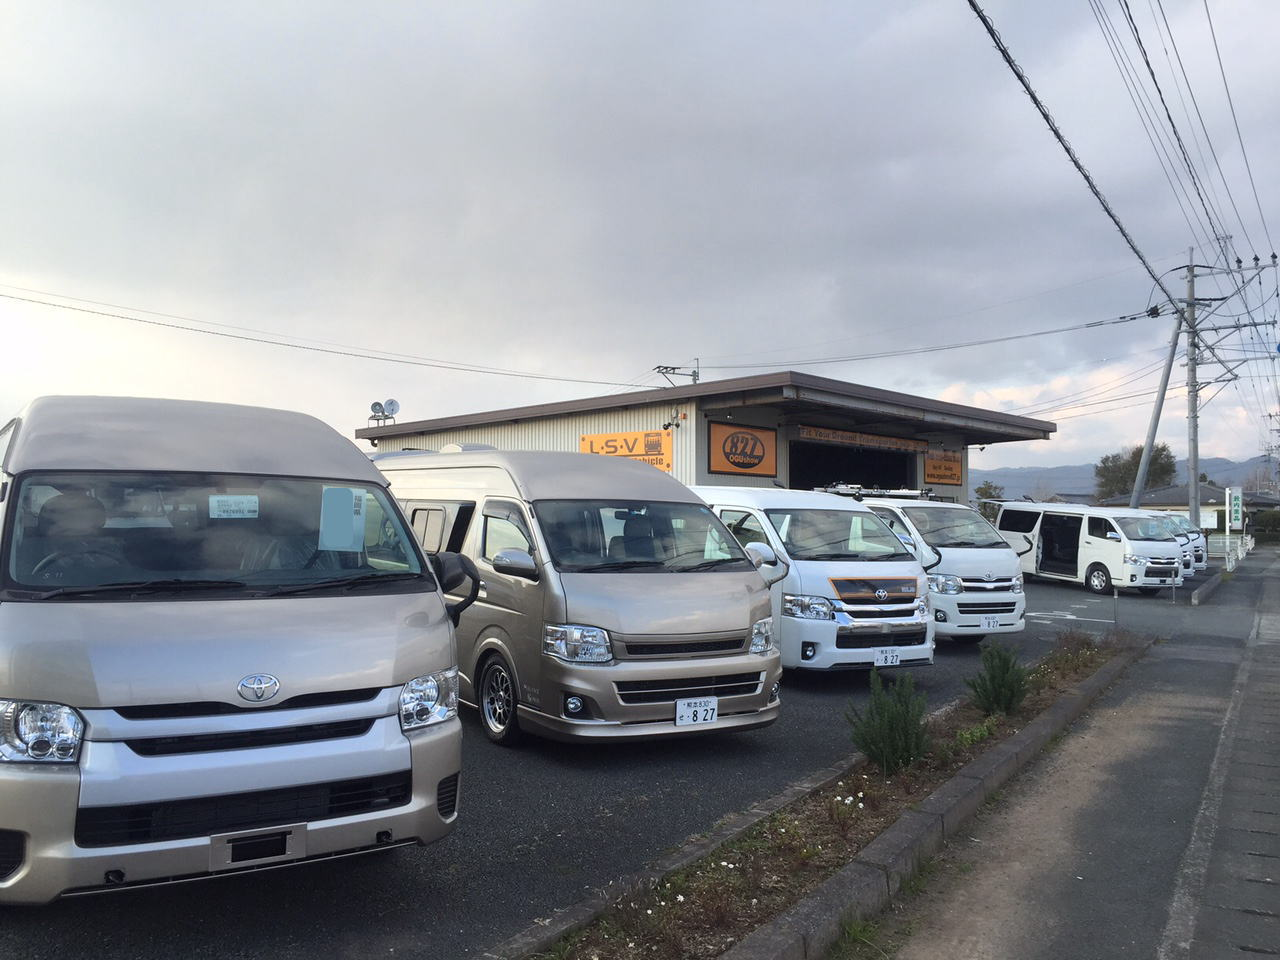 ハイエースキャラバン続々入庫中!九州熊本のトランポ専門店オグショー827